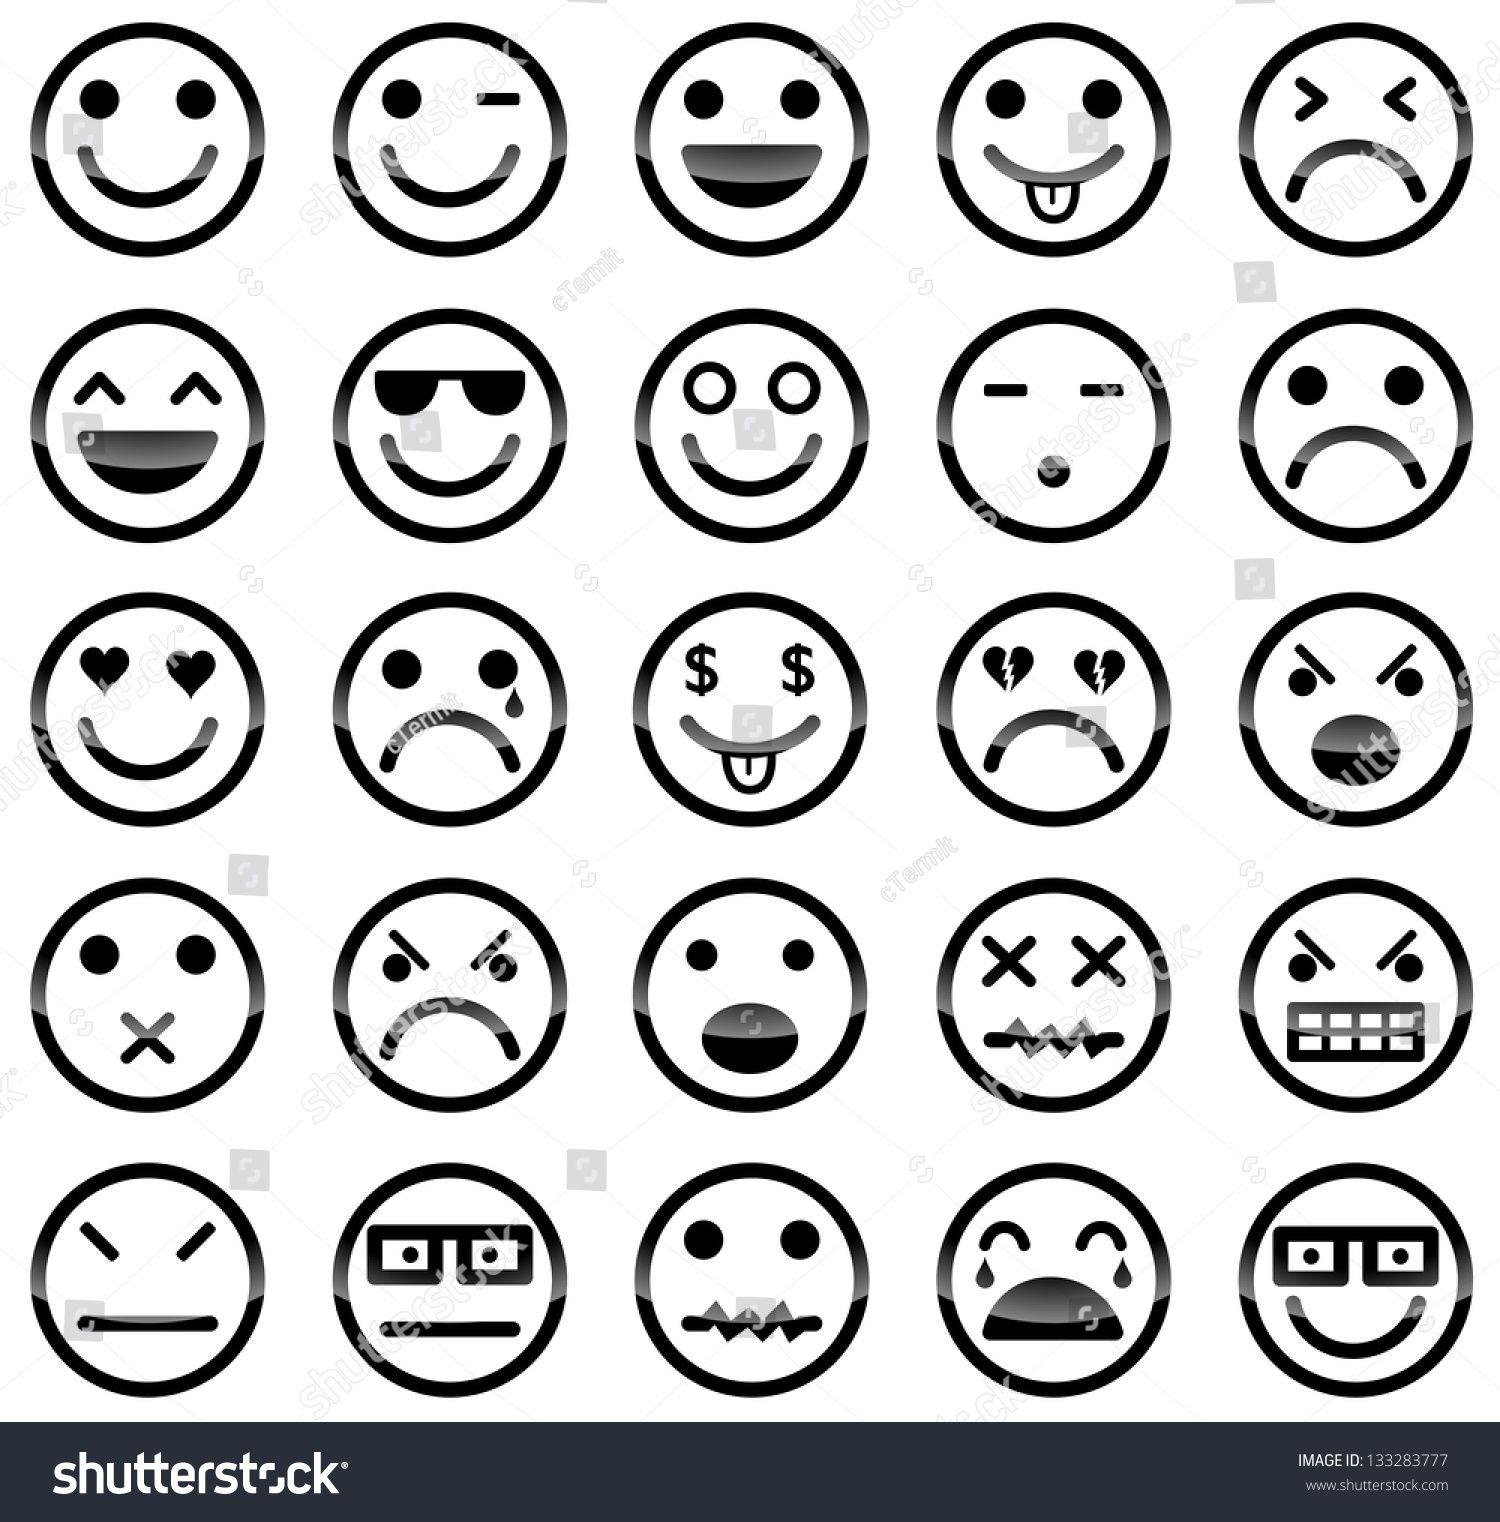 Vector Icons Of Smiley Faces Emoji Tekening Smiley Cartoon Gezichten